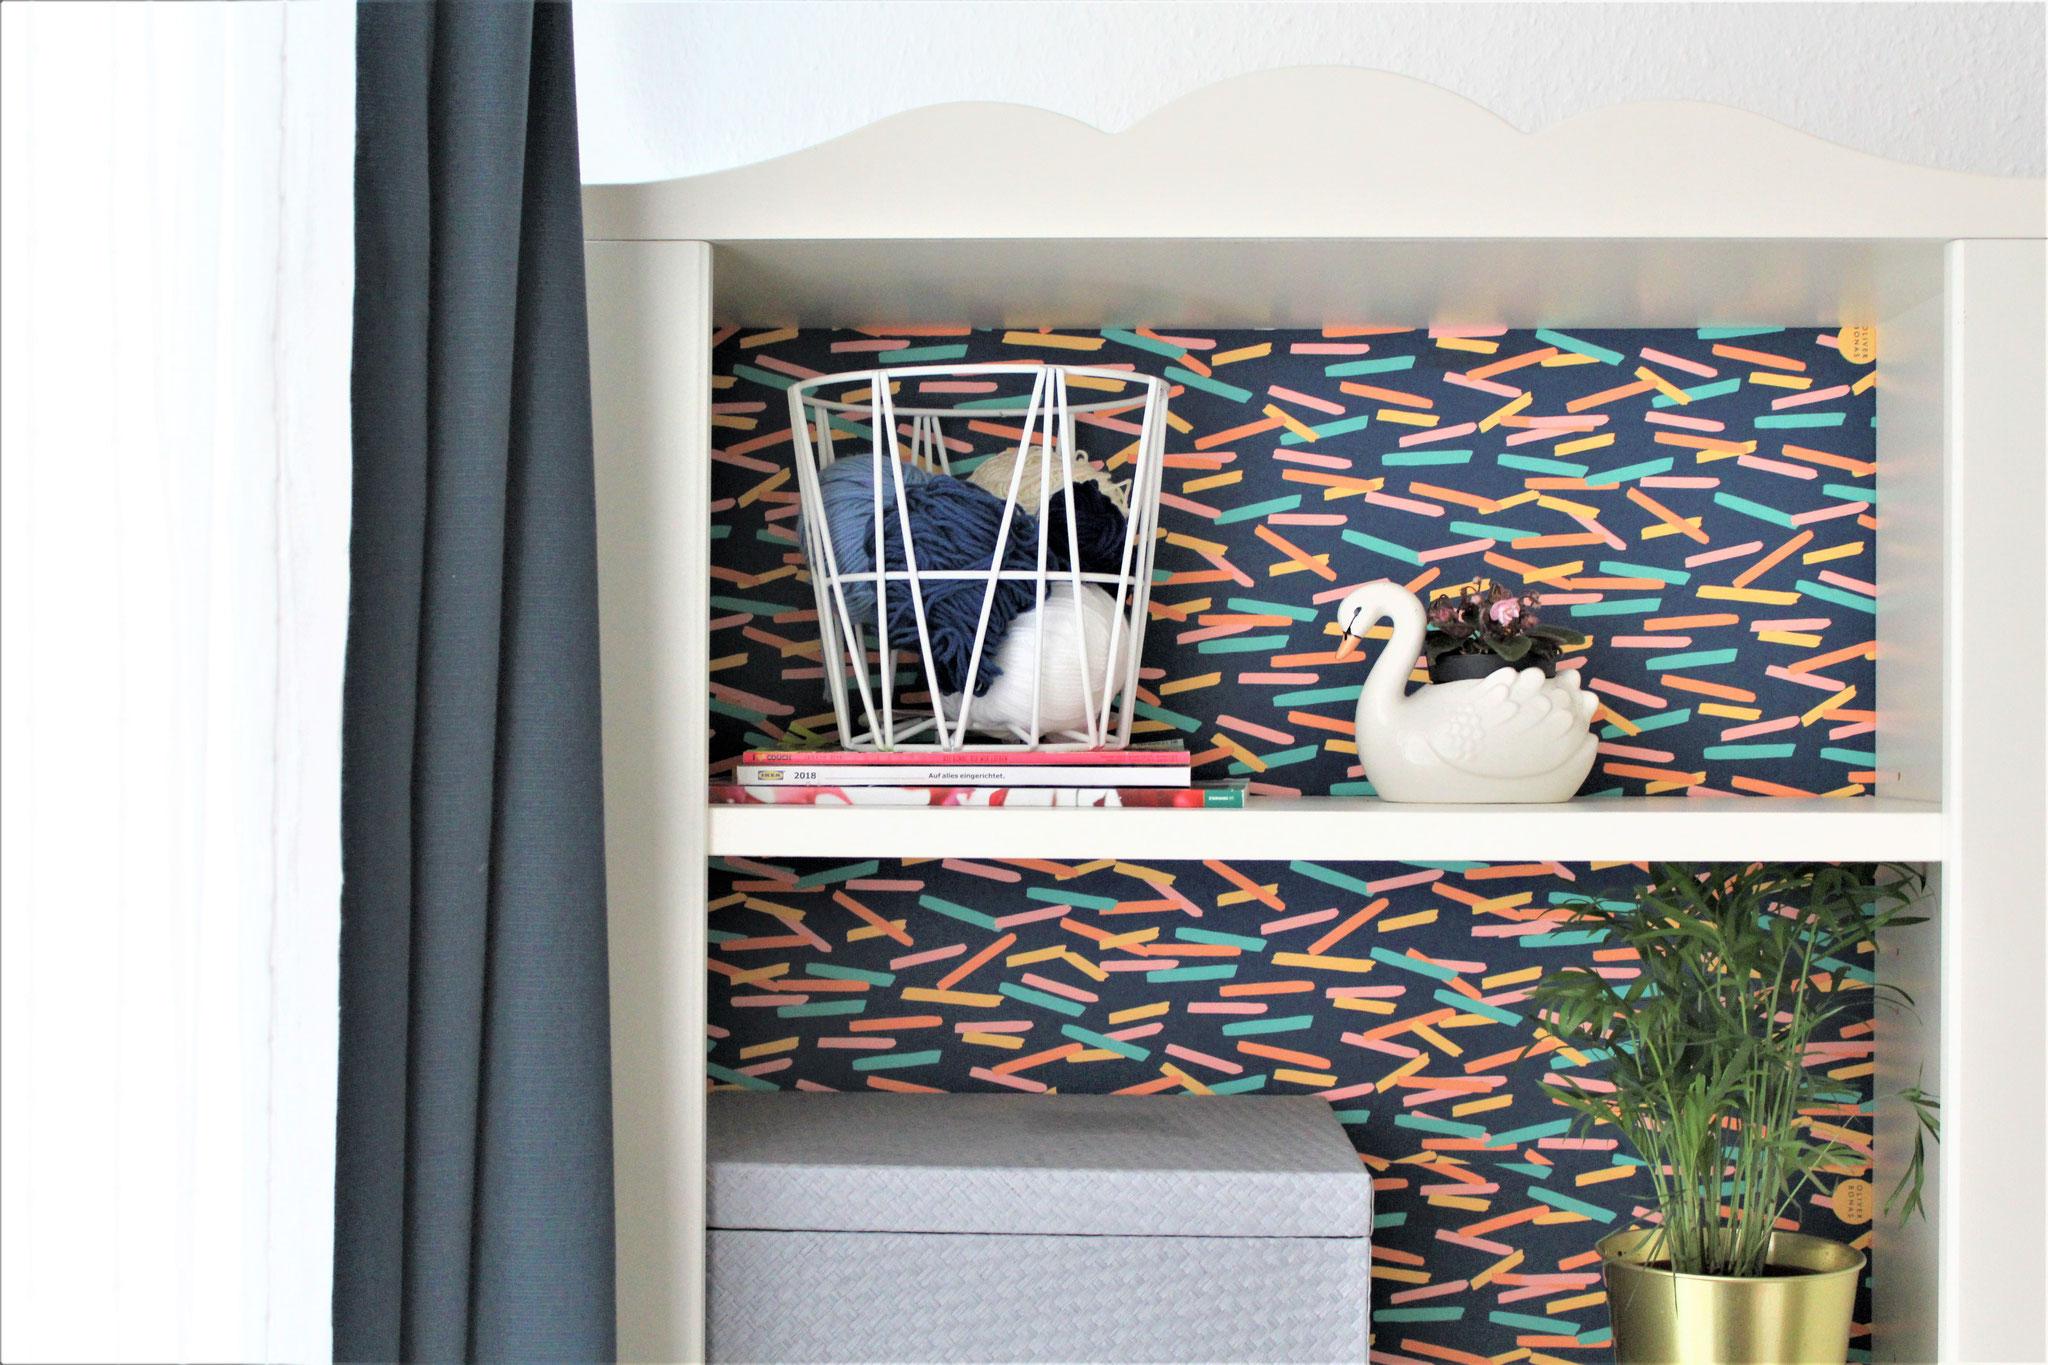 diy: customize your furniture